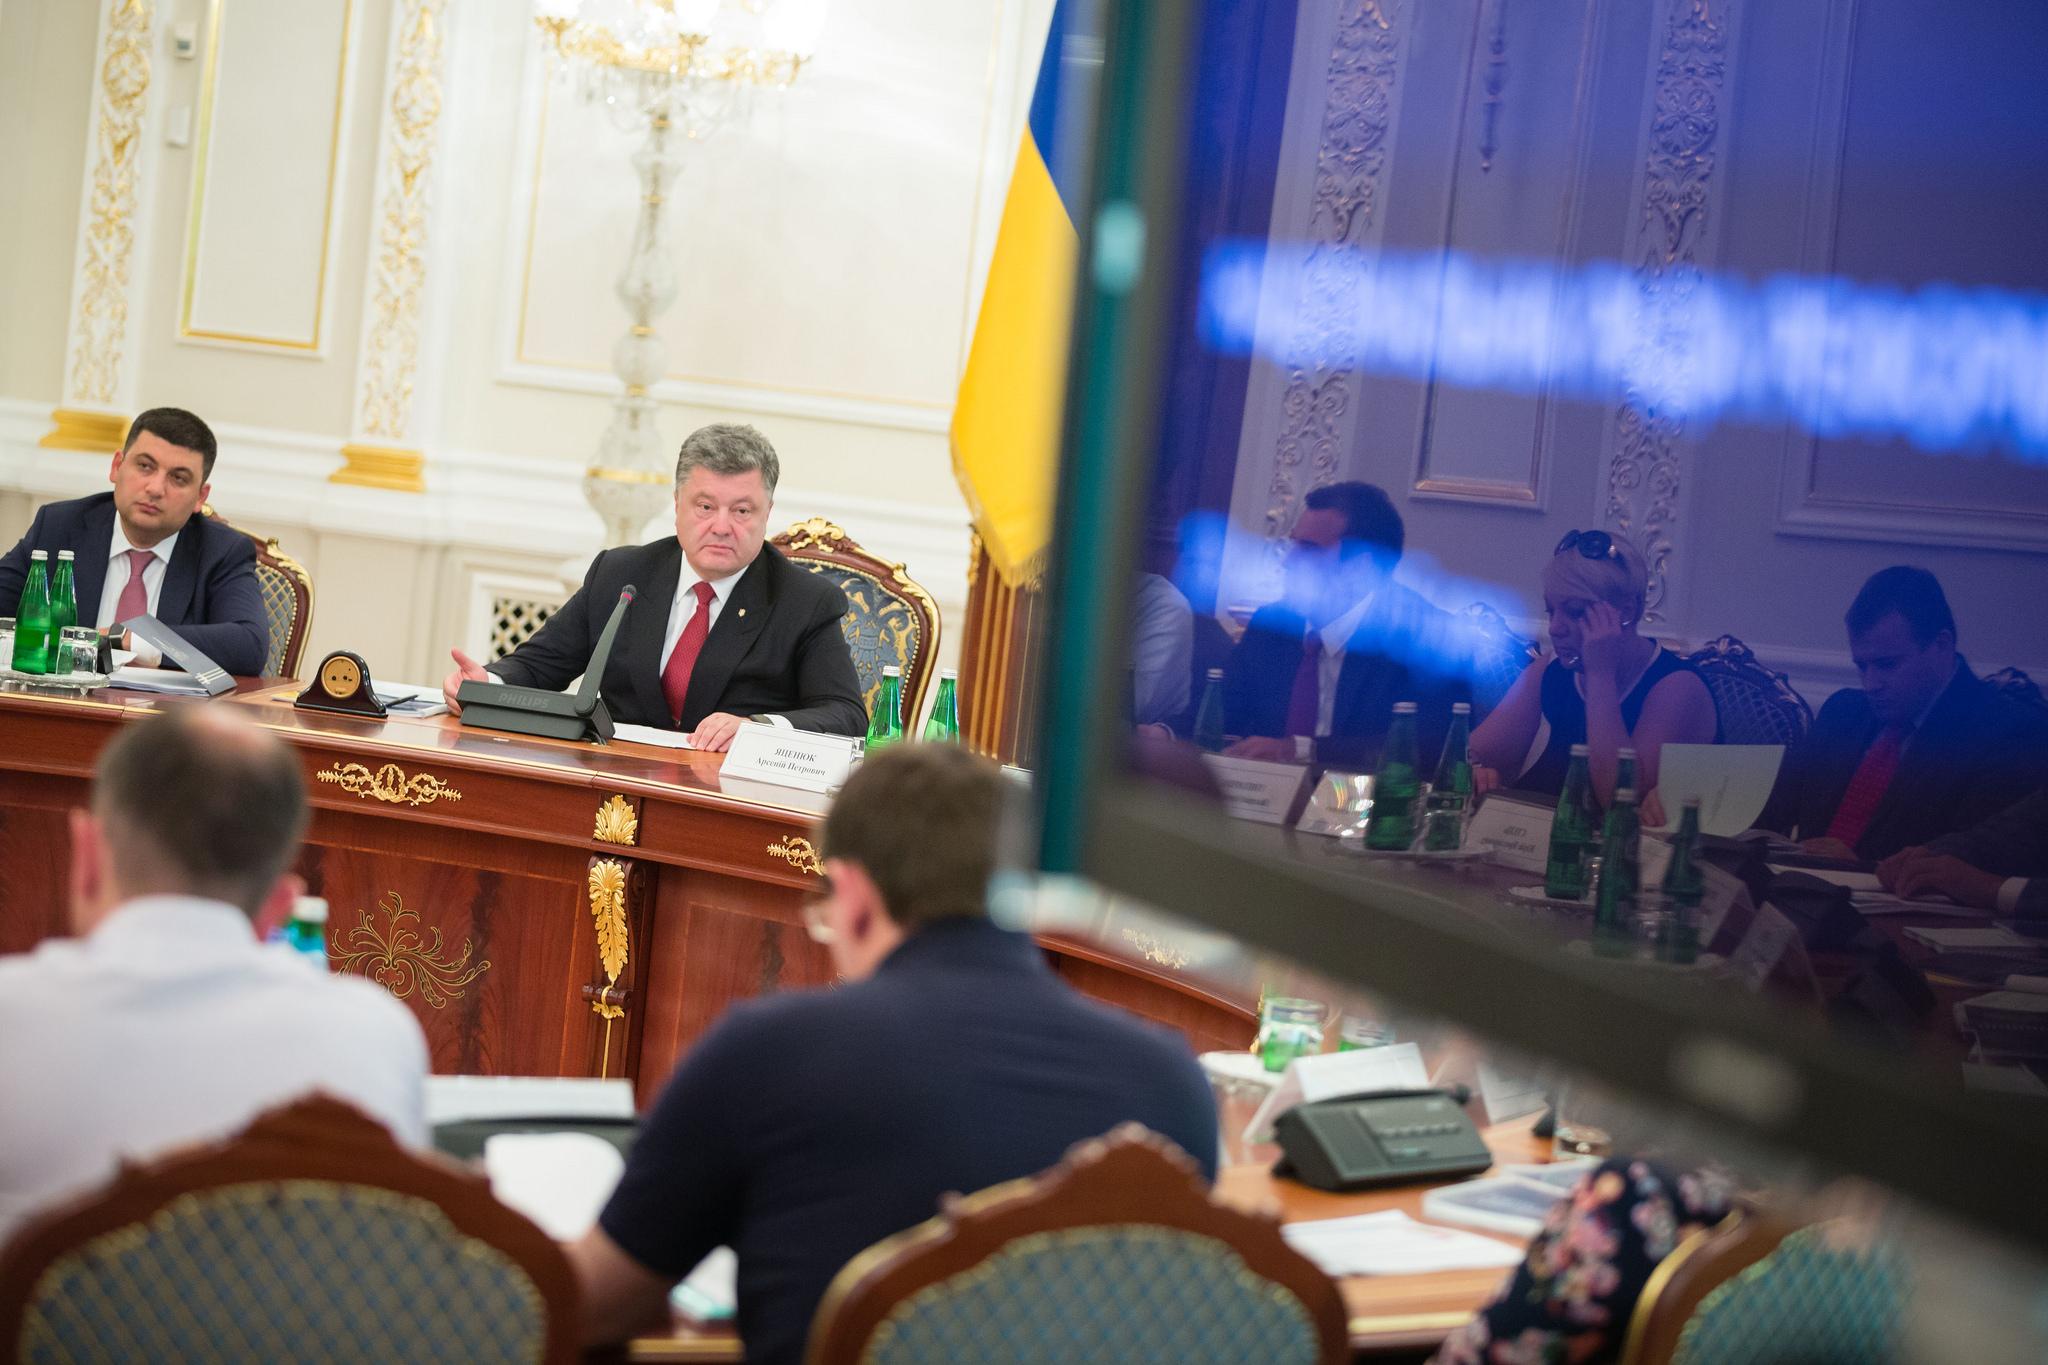 Децентрализация в Украине рискует приостановиться